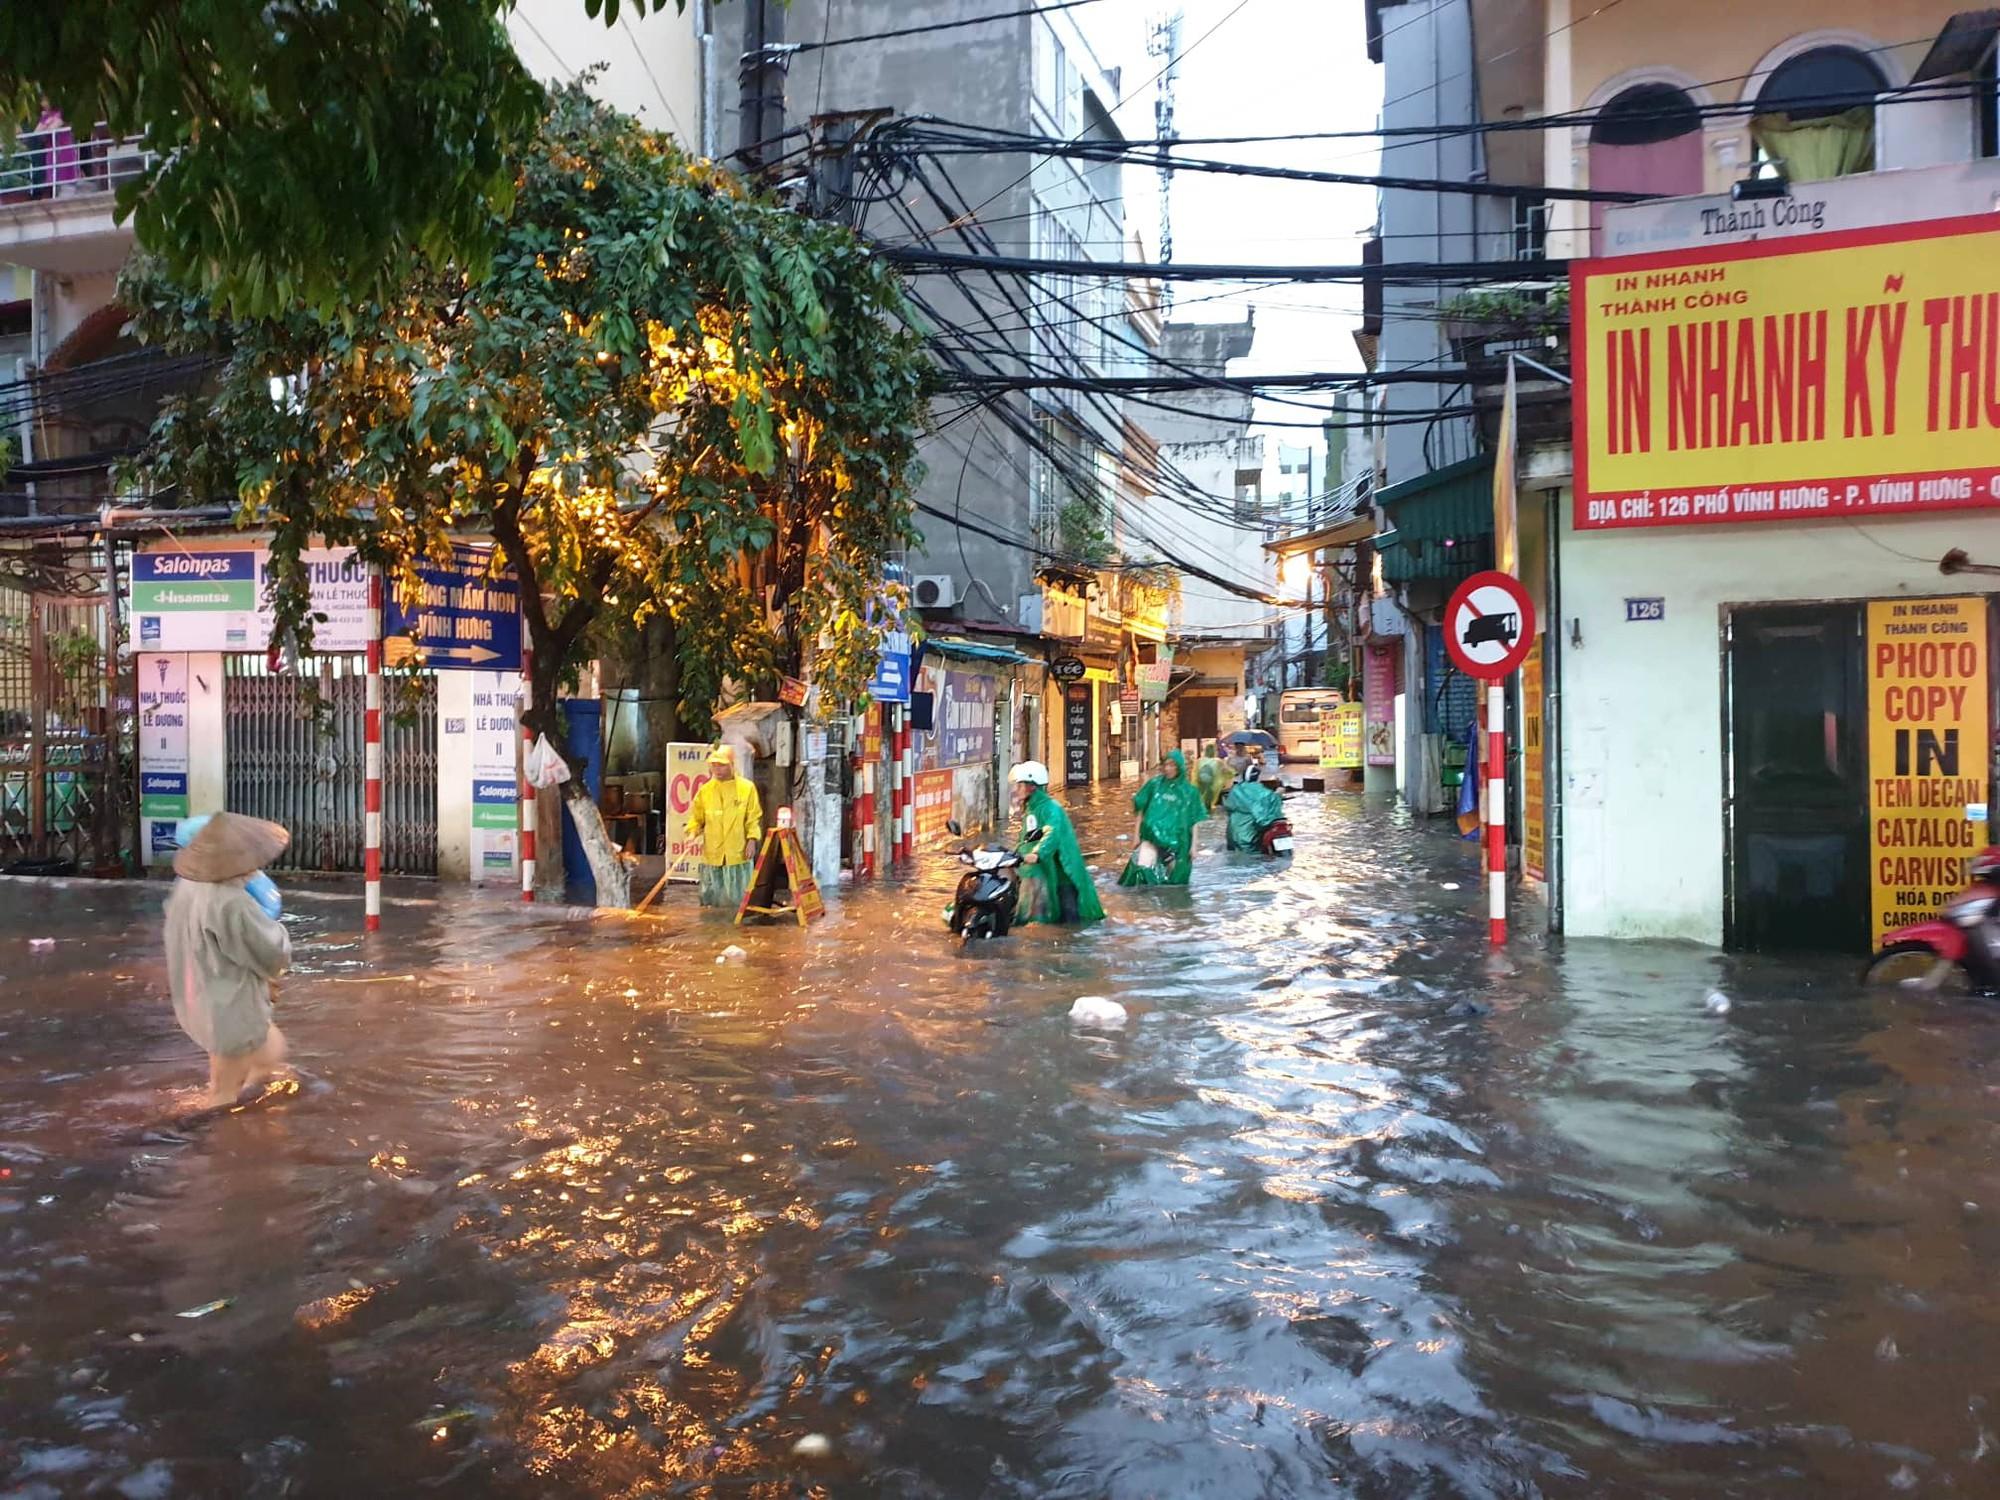 Hà Nội: Mưa lớn bất chật, nhiều tuyến phố ngập sâu trong nước4